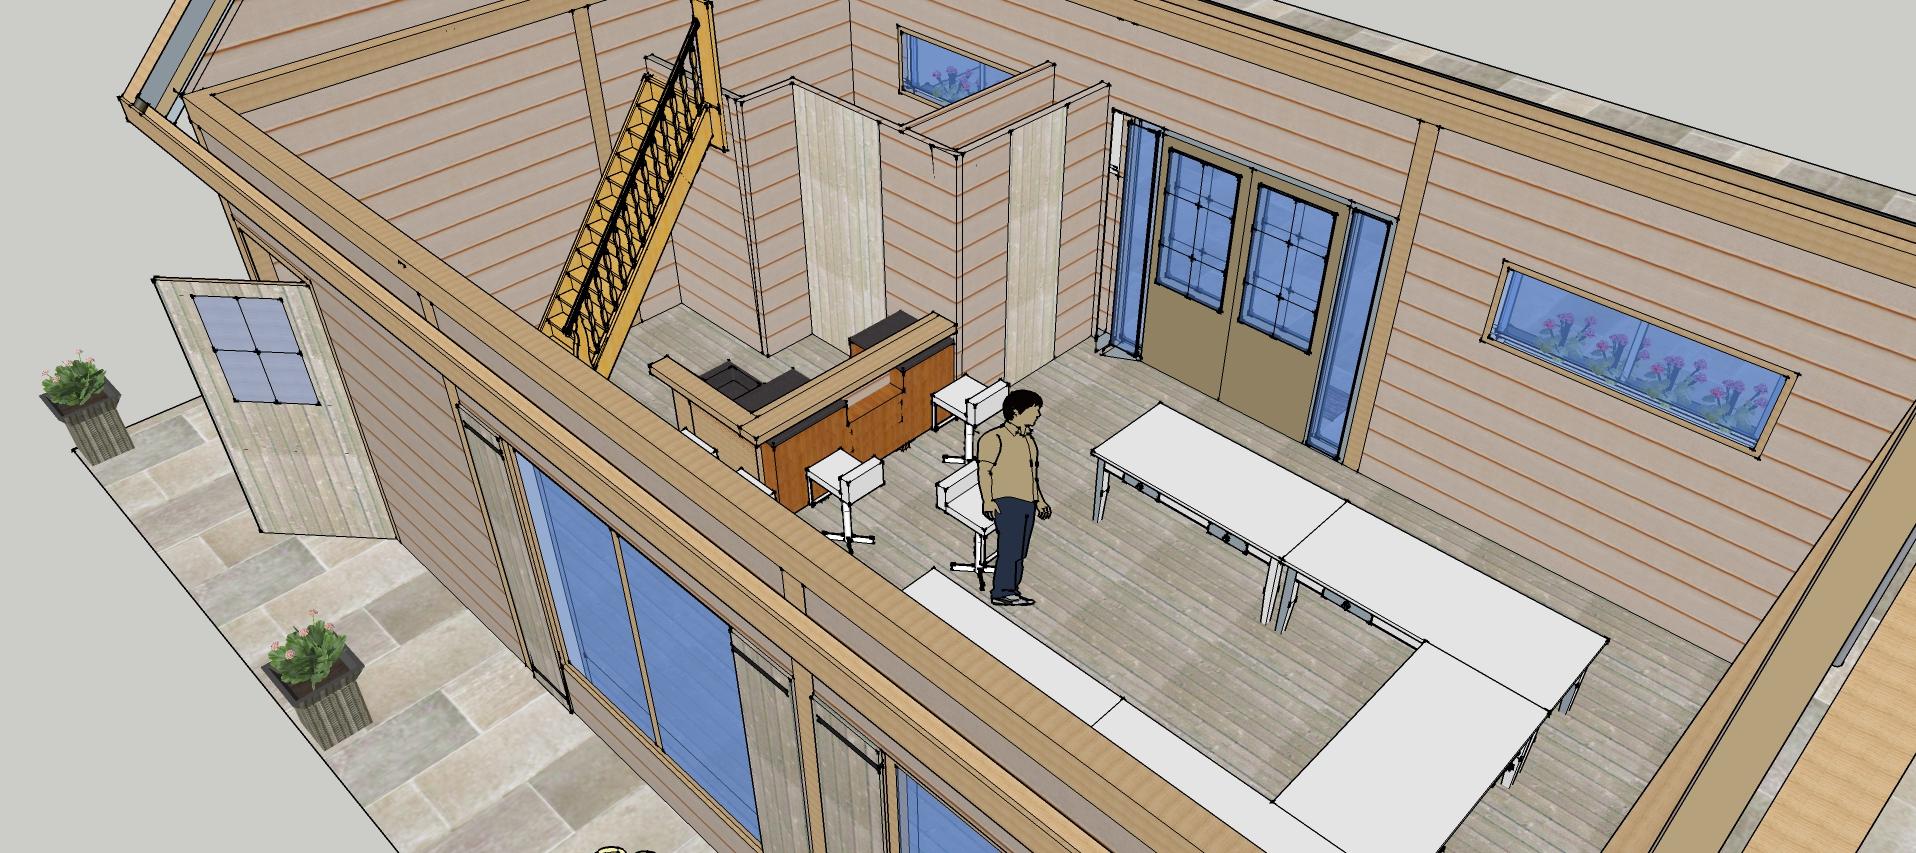 Aangepast_ontwerp_Binnenzijde_Dinteloord_1-2 - Prachtige larikshouten bijgebouw-Trainingsruimte in opdracht gekregen.